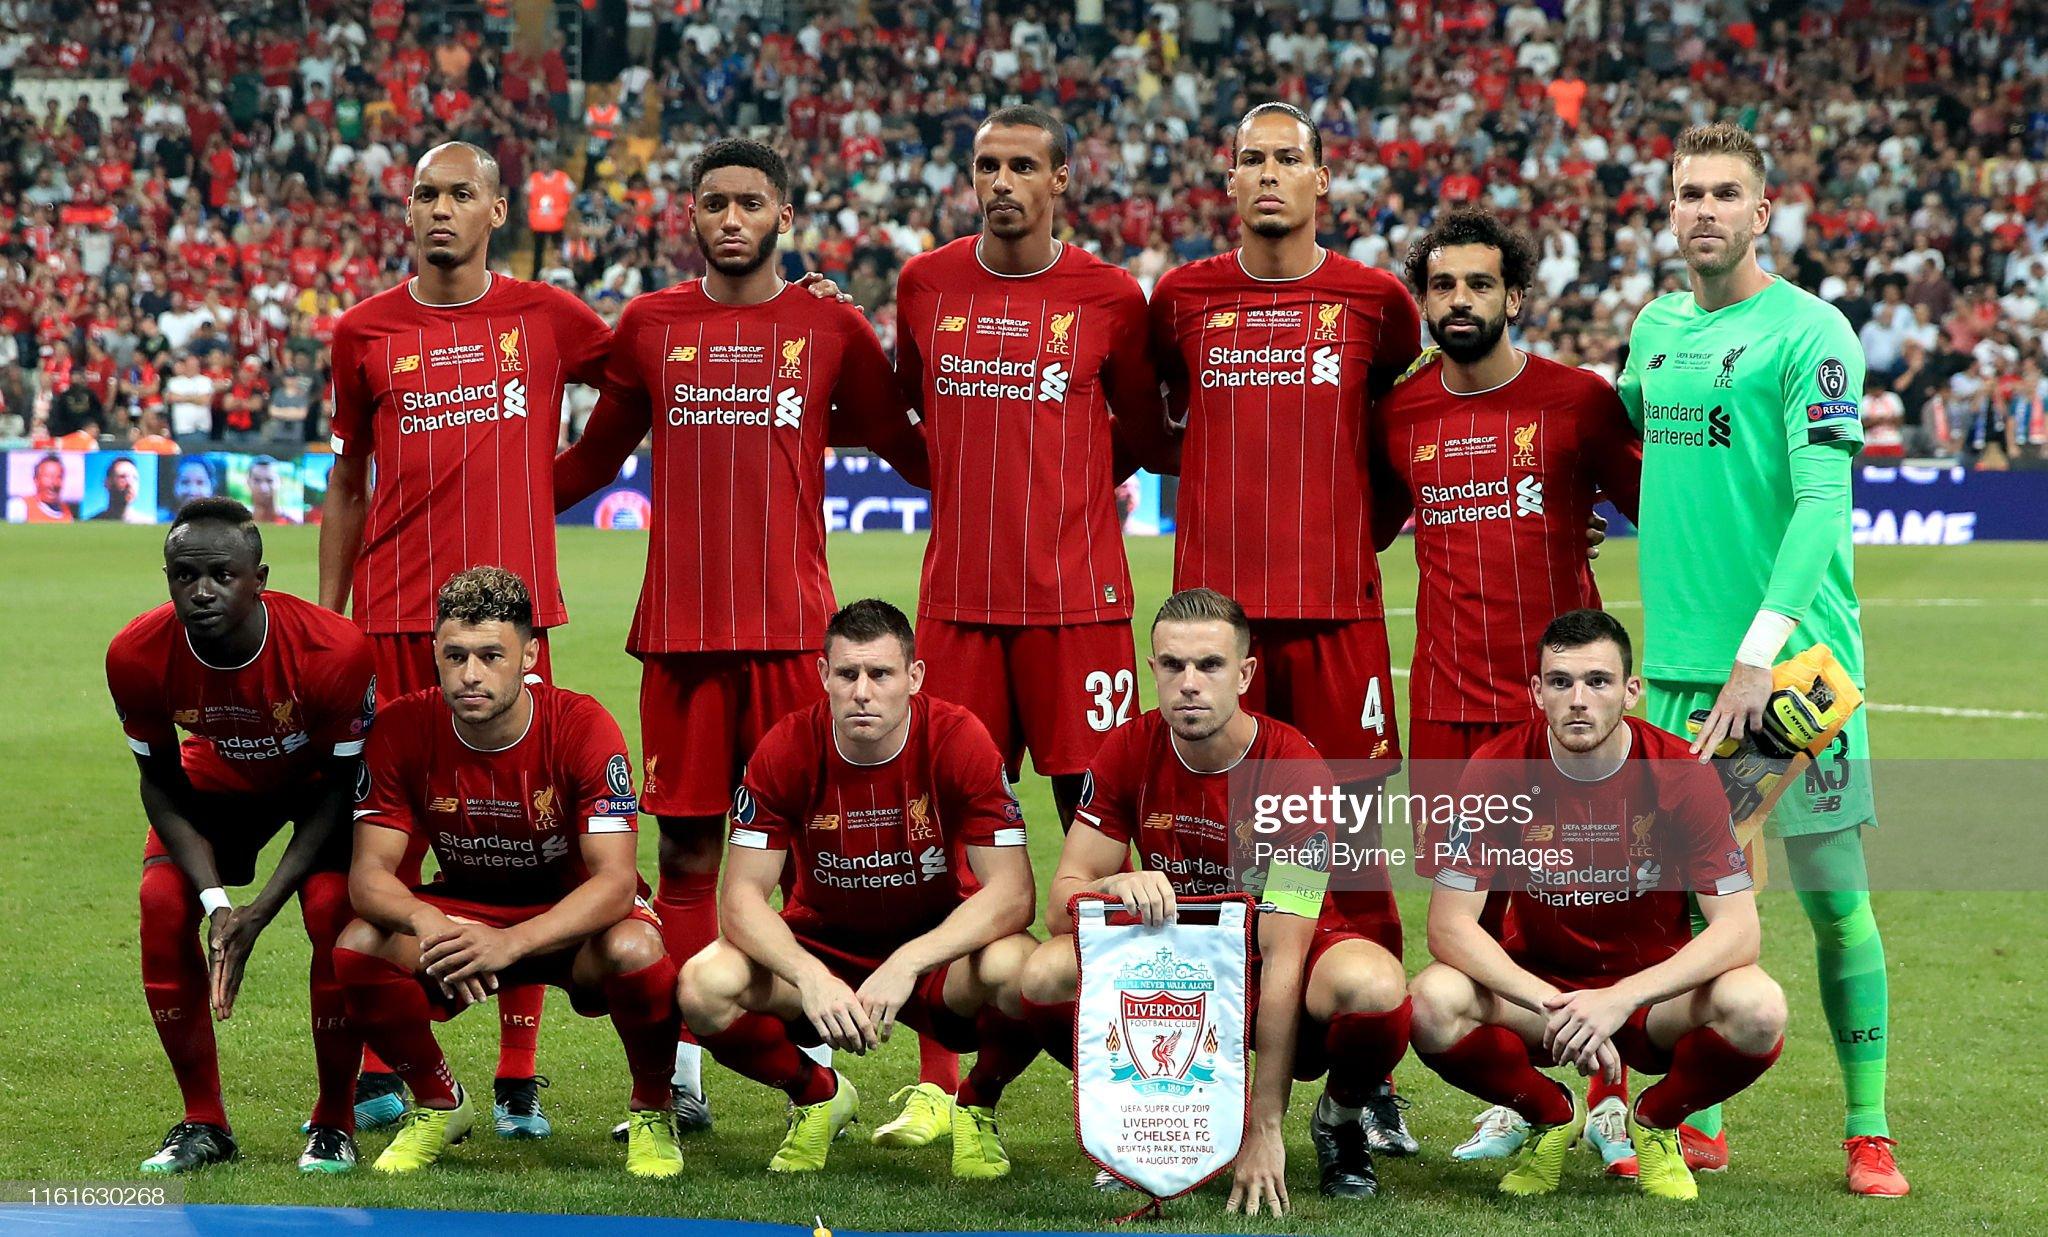 ¿Cuánto mide Fabinho Tavares? - Real height Liverpools-fabinho-joe-gomez-joel-matip-virgil-van-dijk-mohamed-salah-picture-id1161630268?s=2048x2048